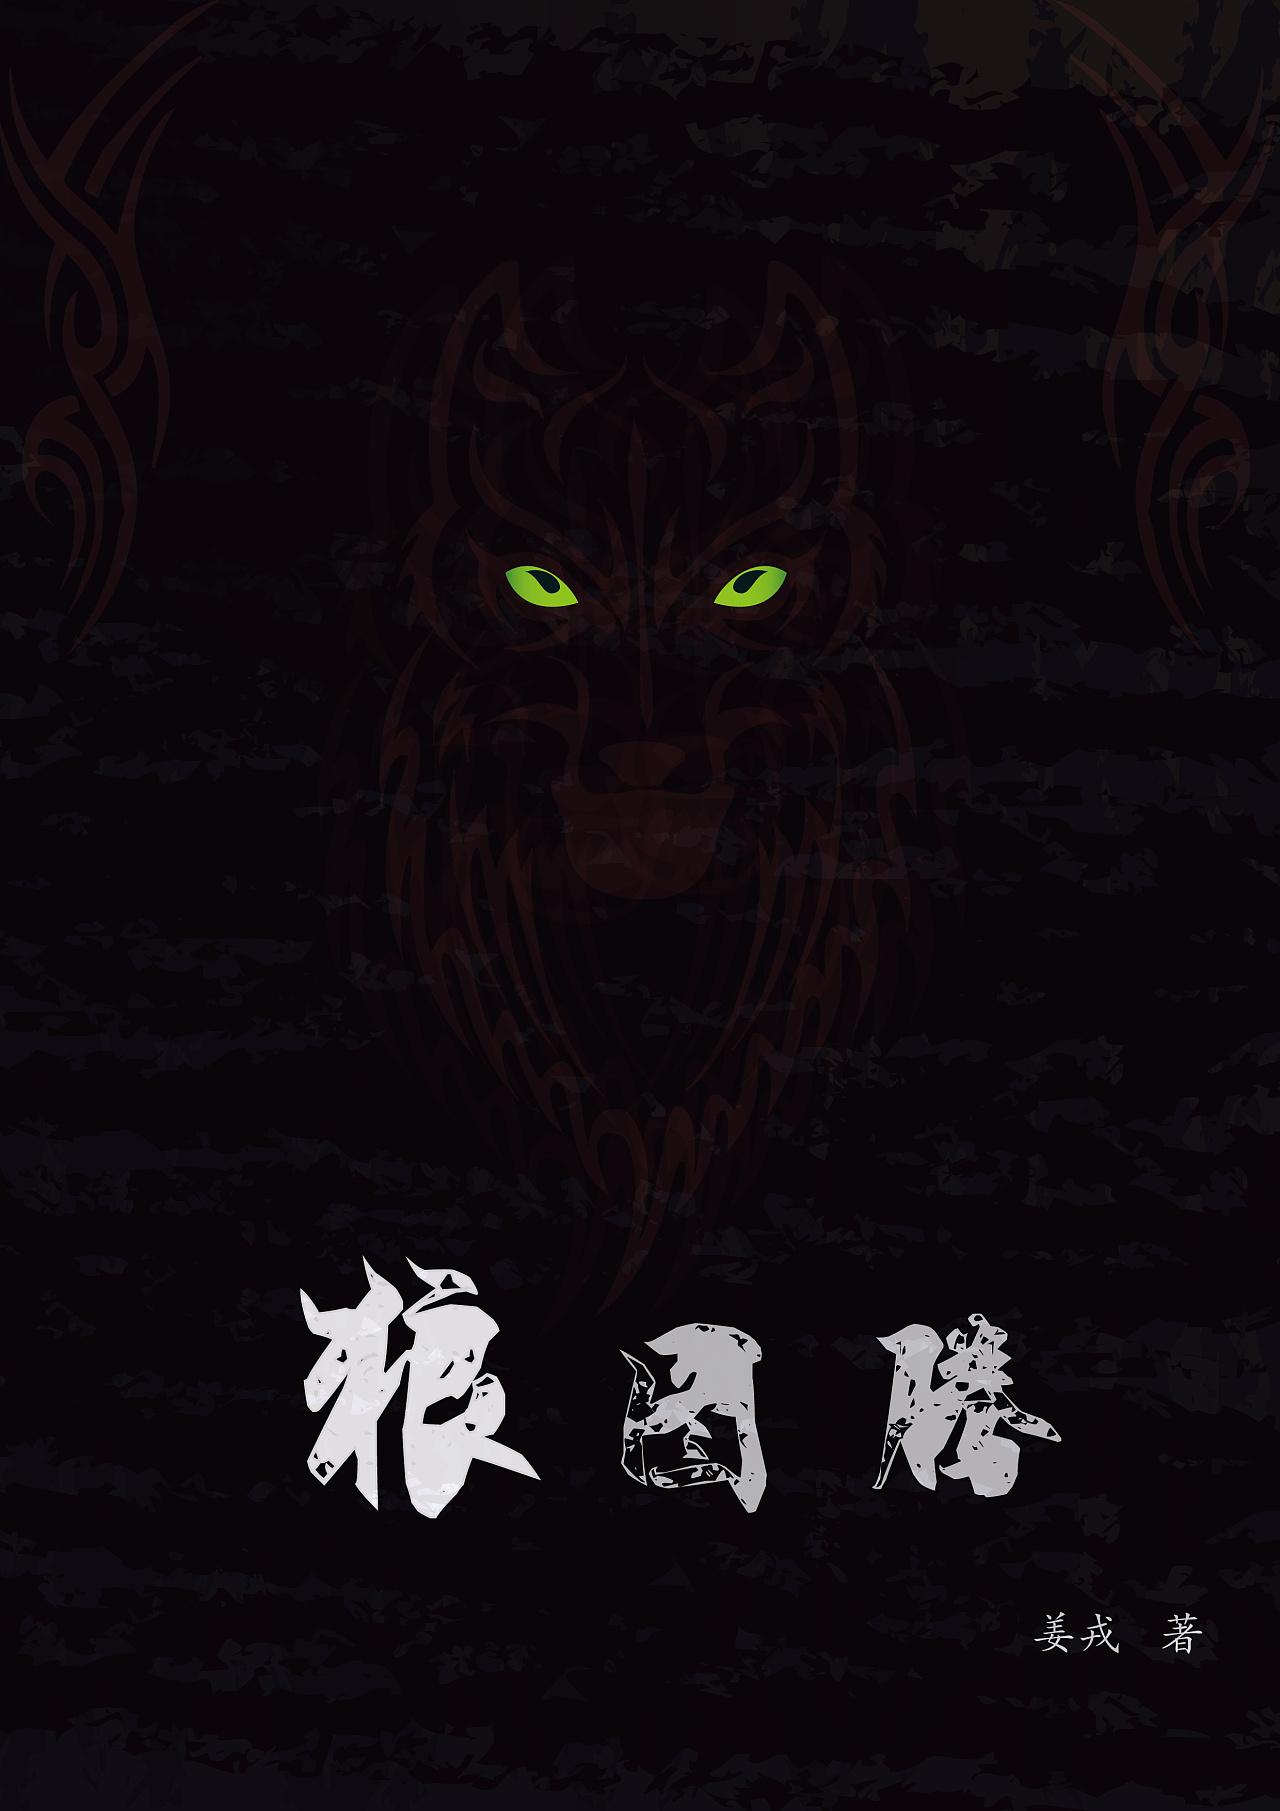 《狼图腾》封面设计